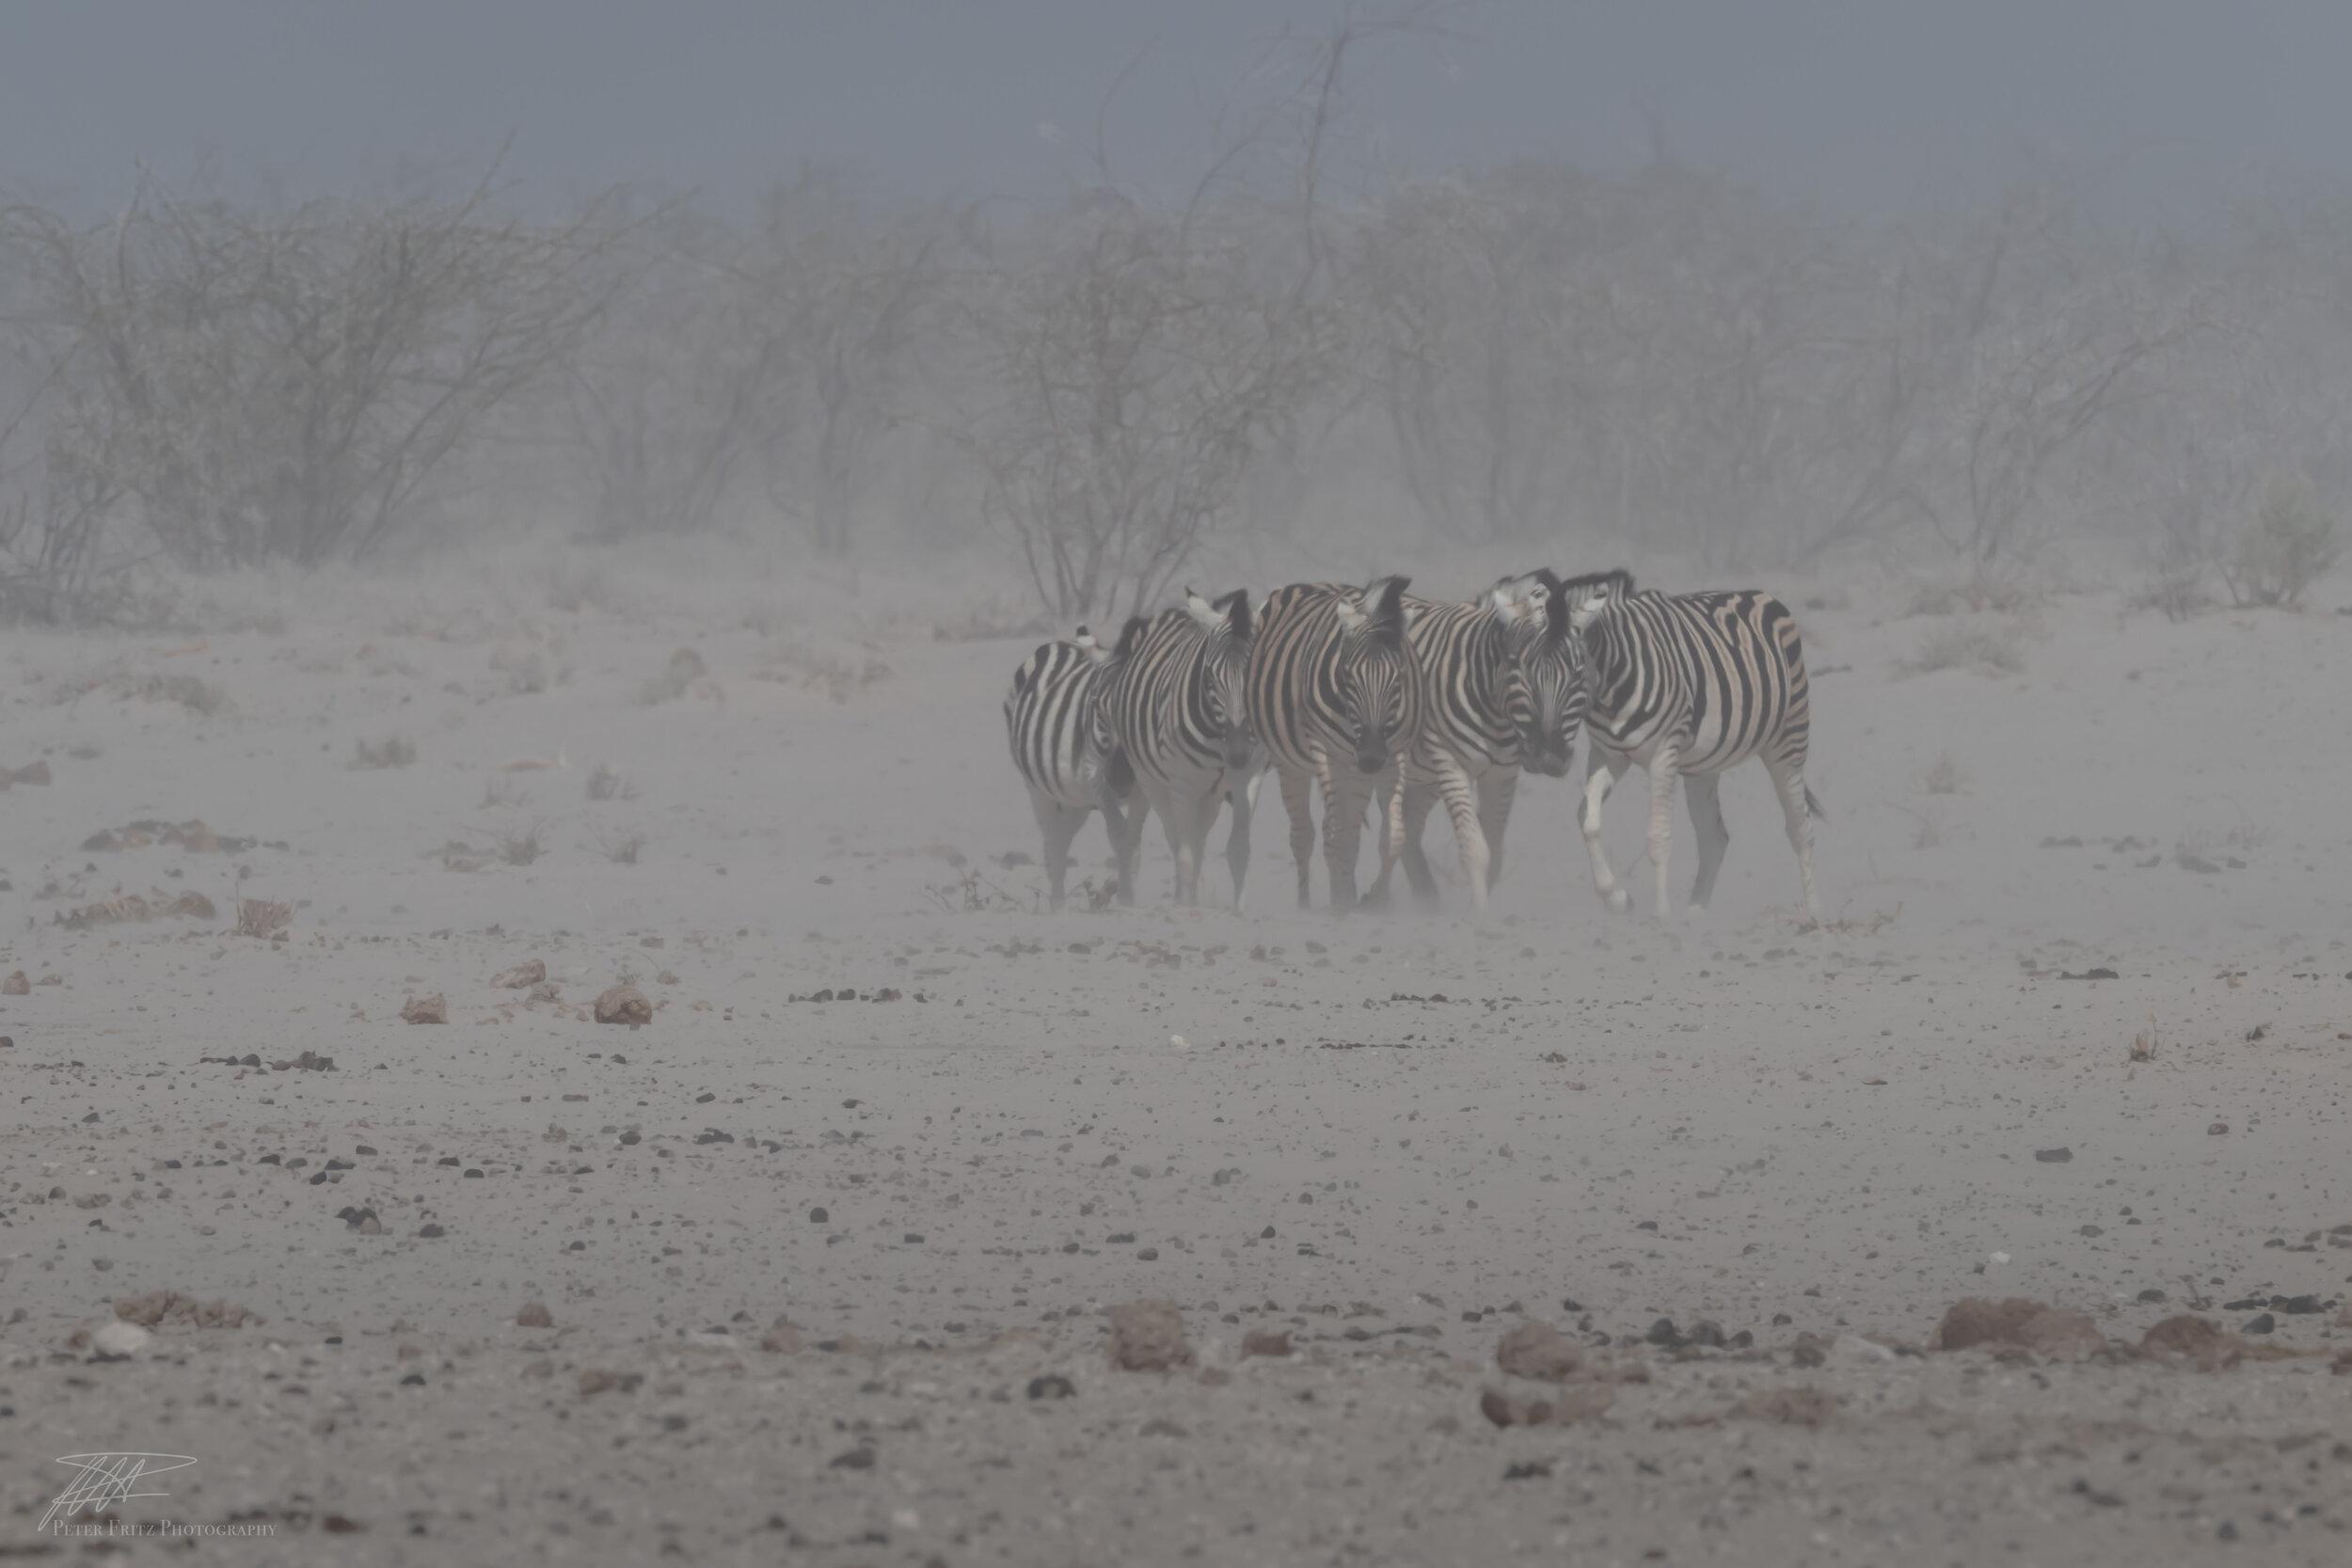 Zebras in the dust web 3x2.jpg